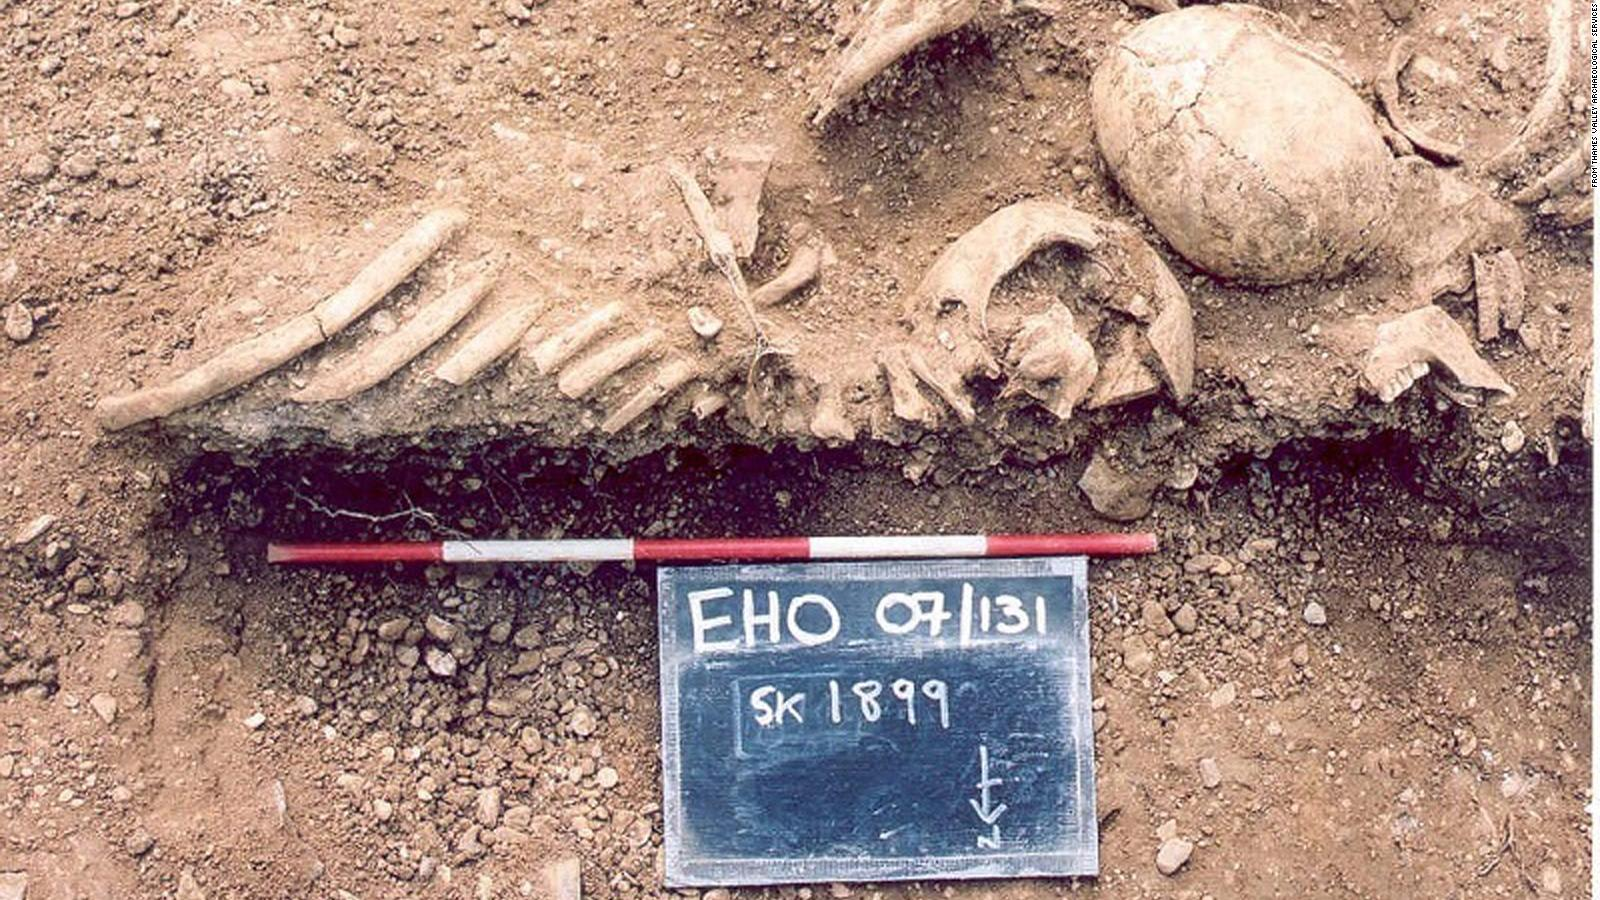 دراسة جديدة تكشف عن انتشار سلالات الجدري المتنوعة في عصر الفايكنج قبل ألف عام